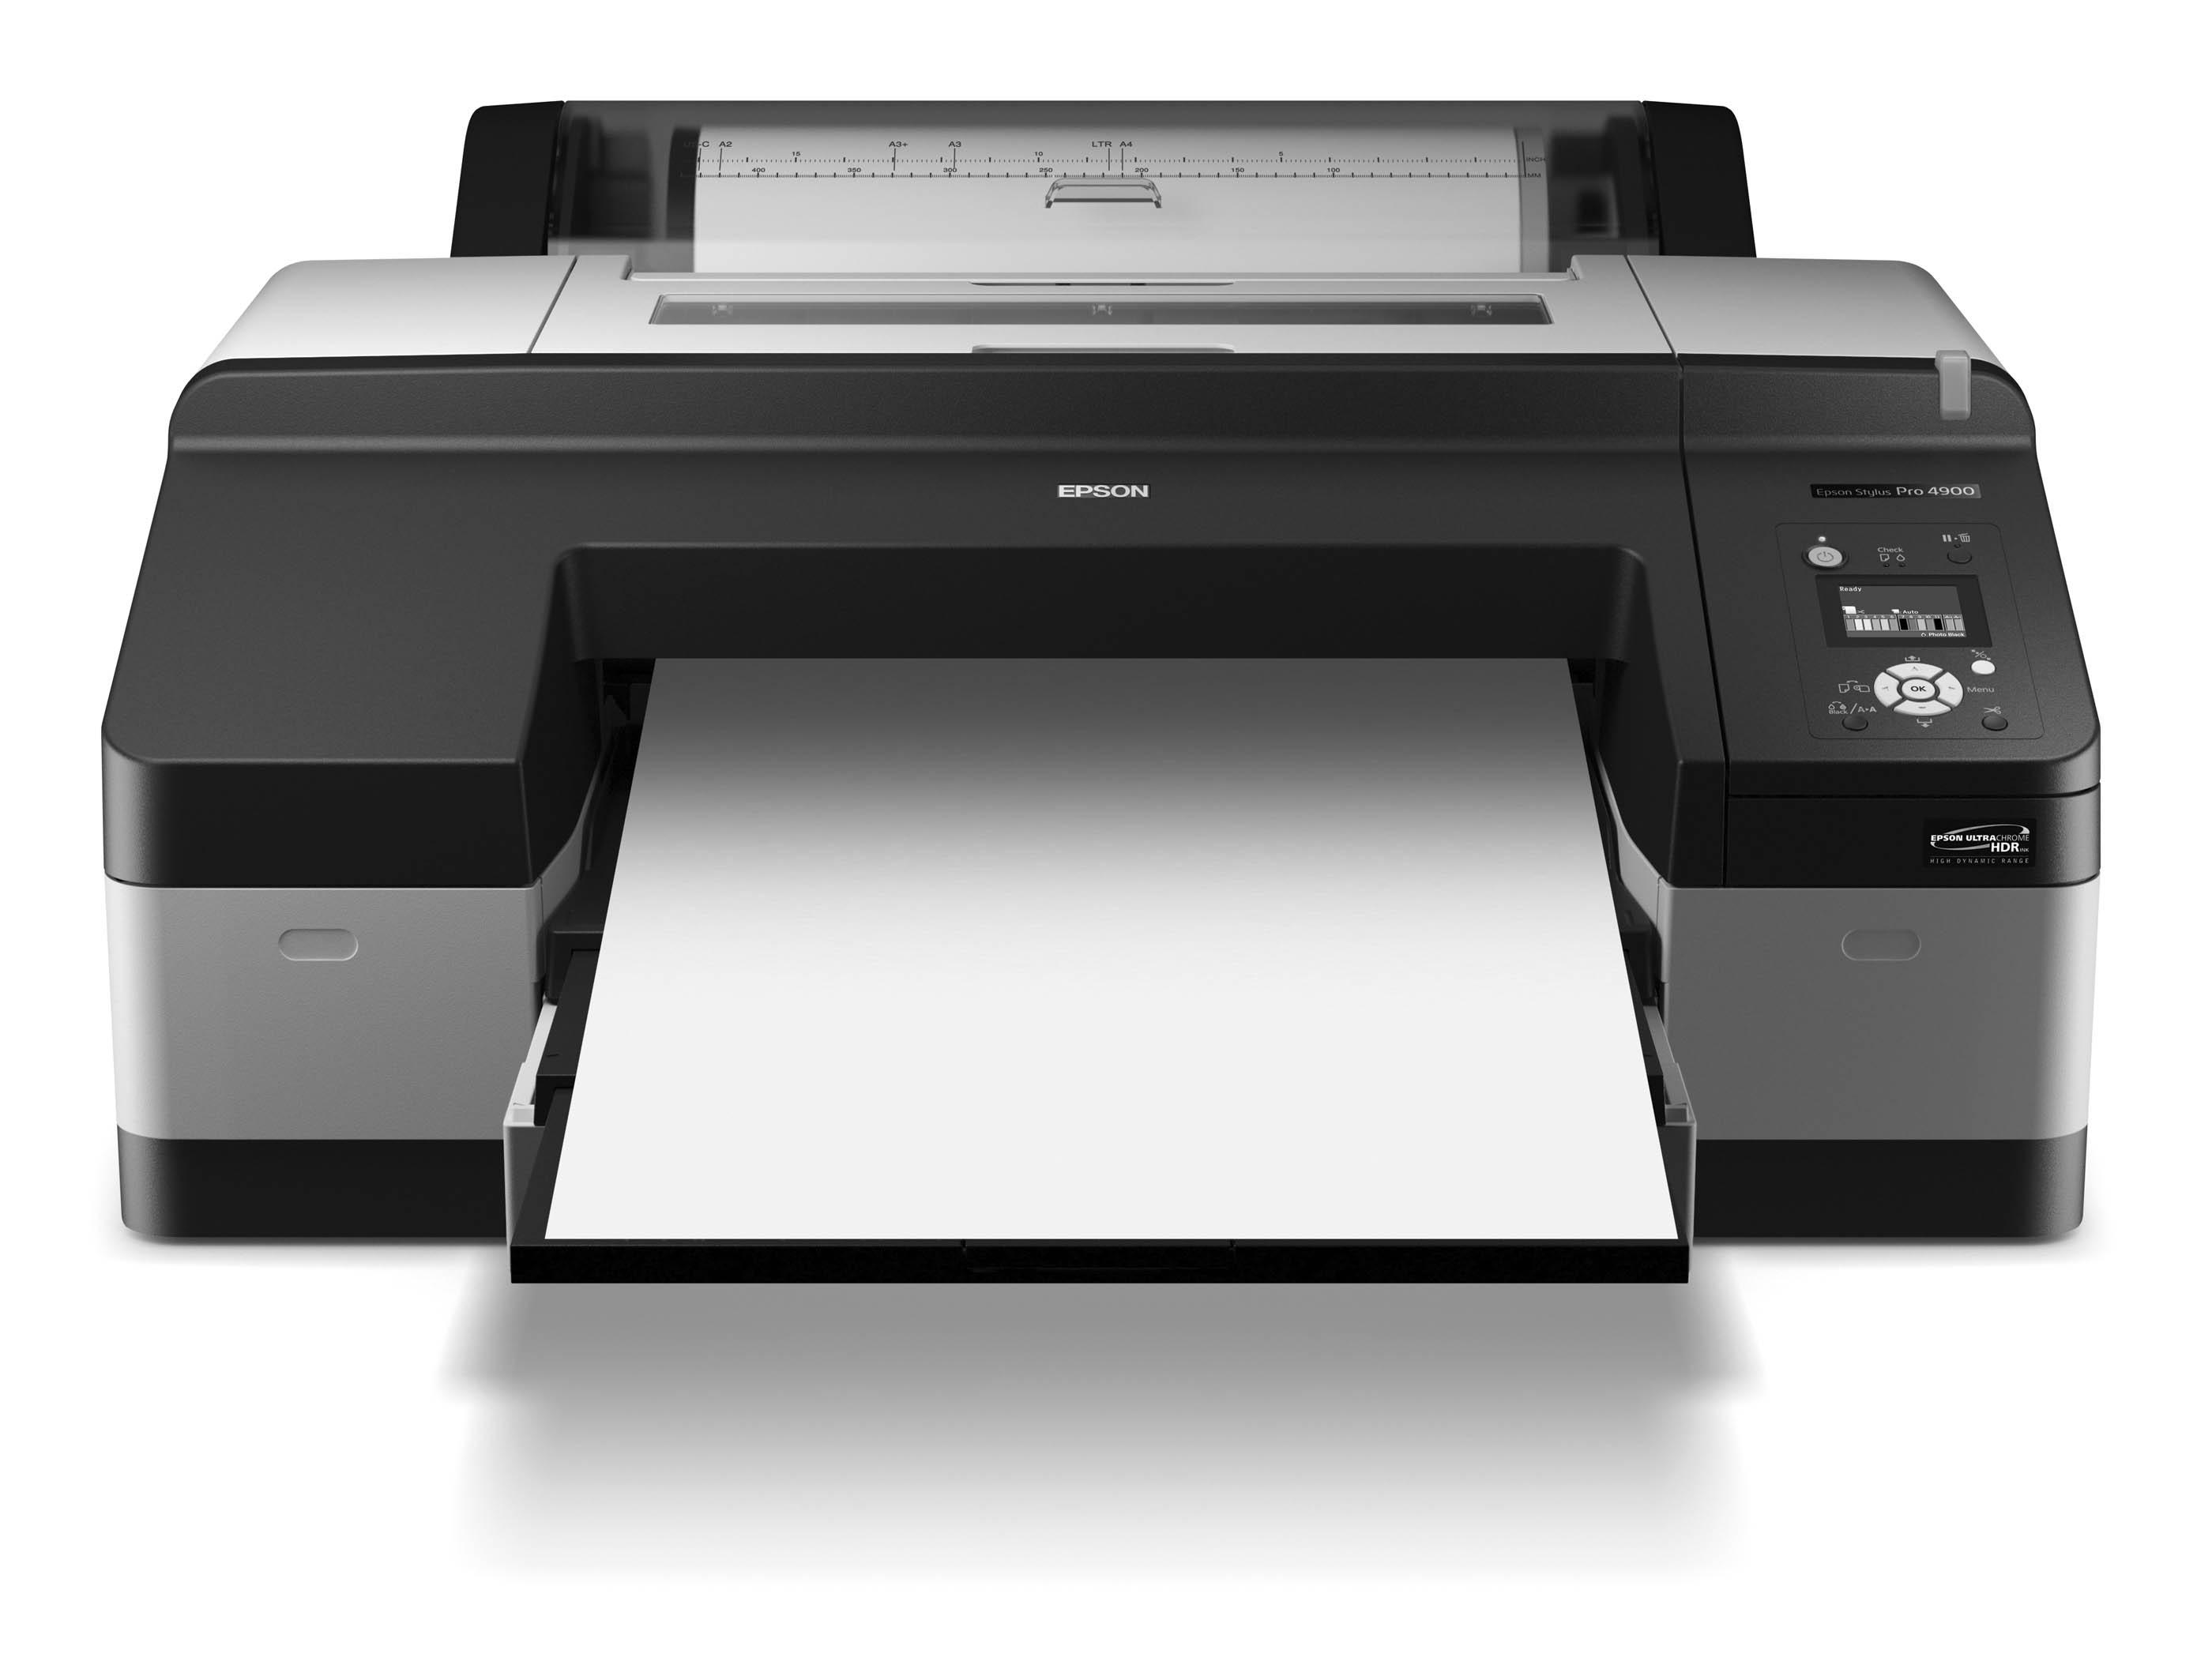 Epson 4900 Printer